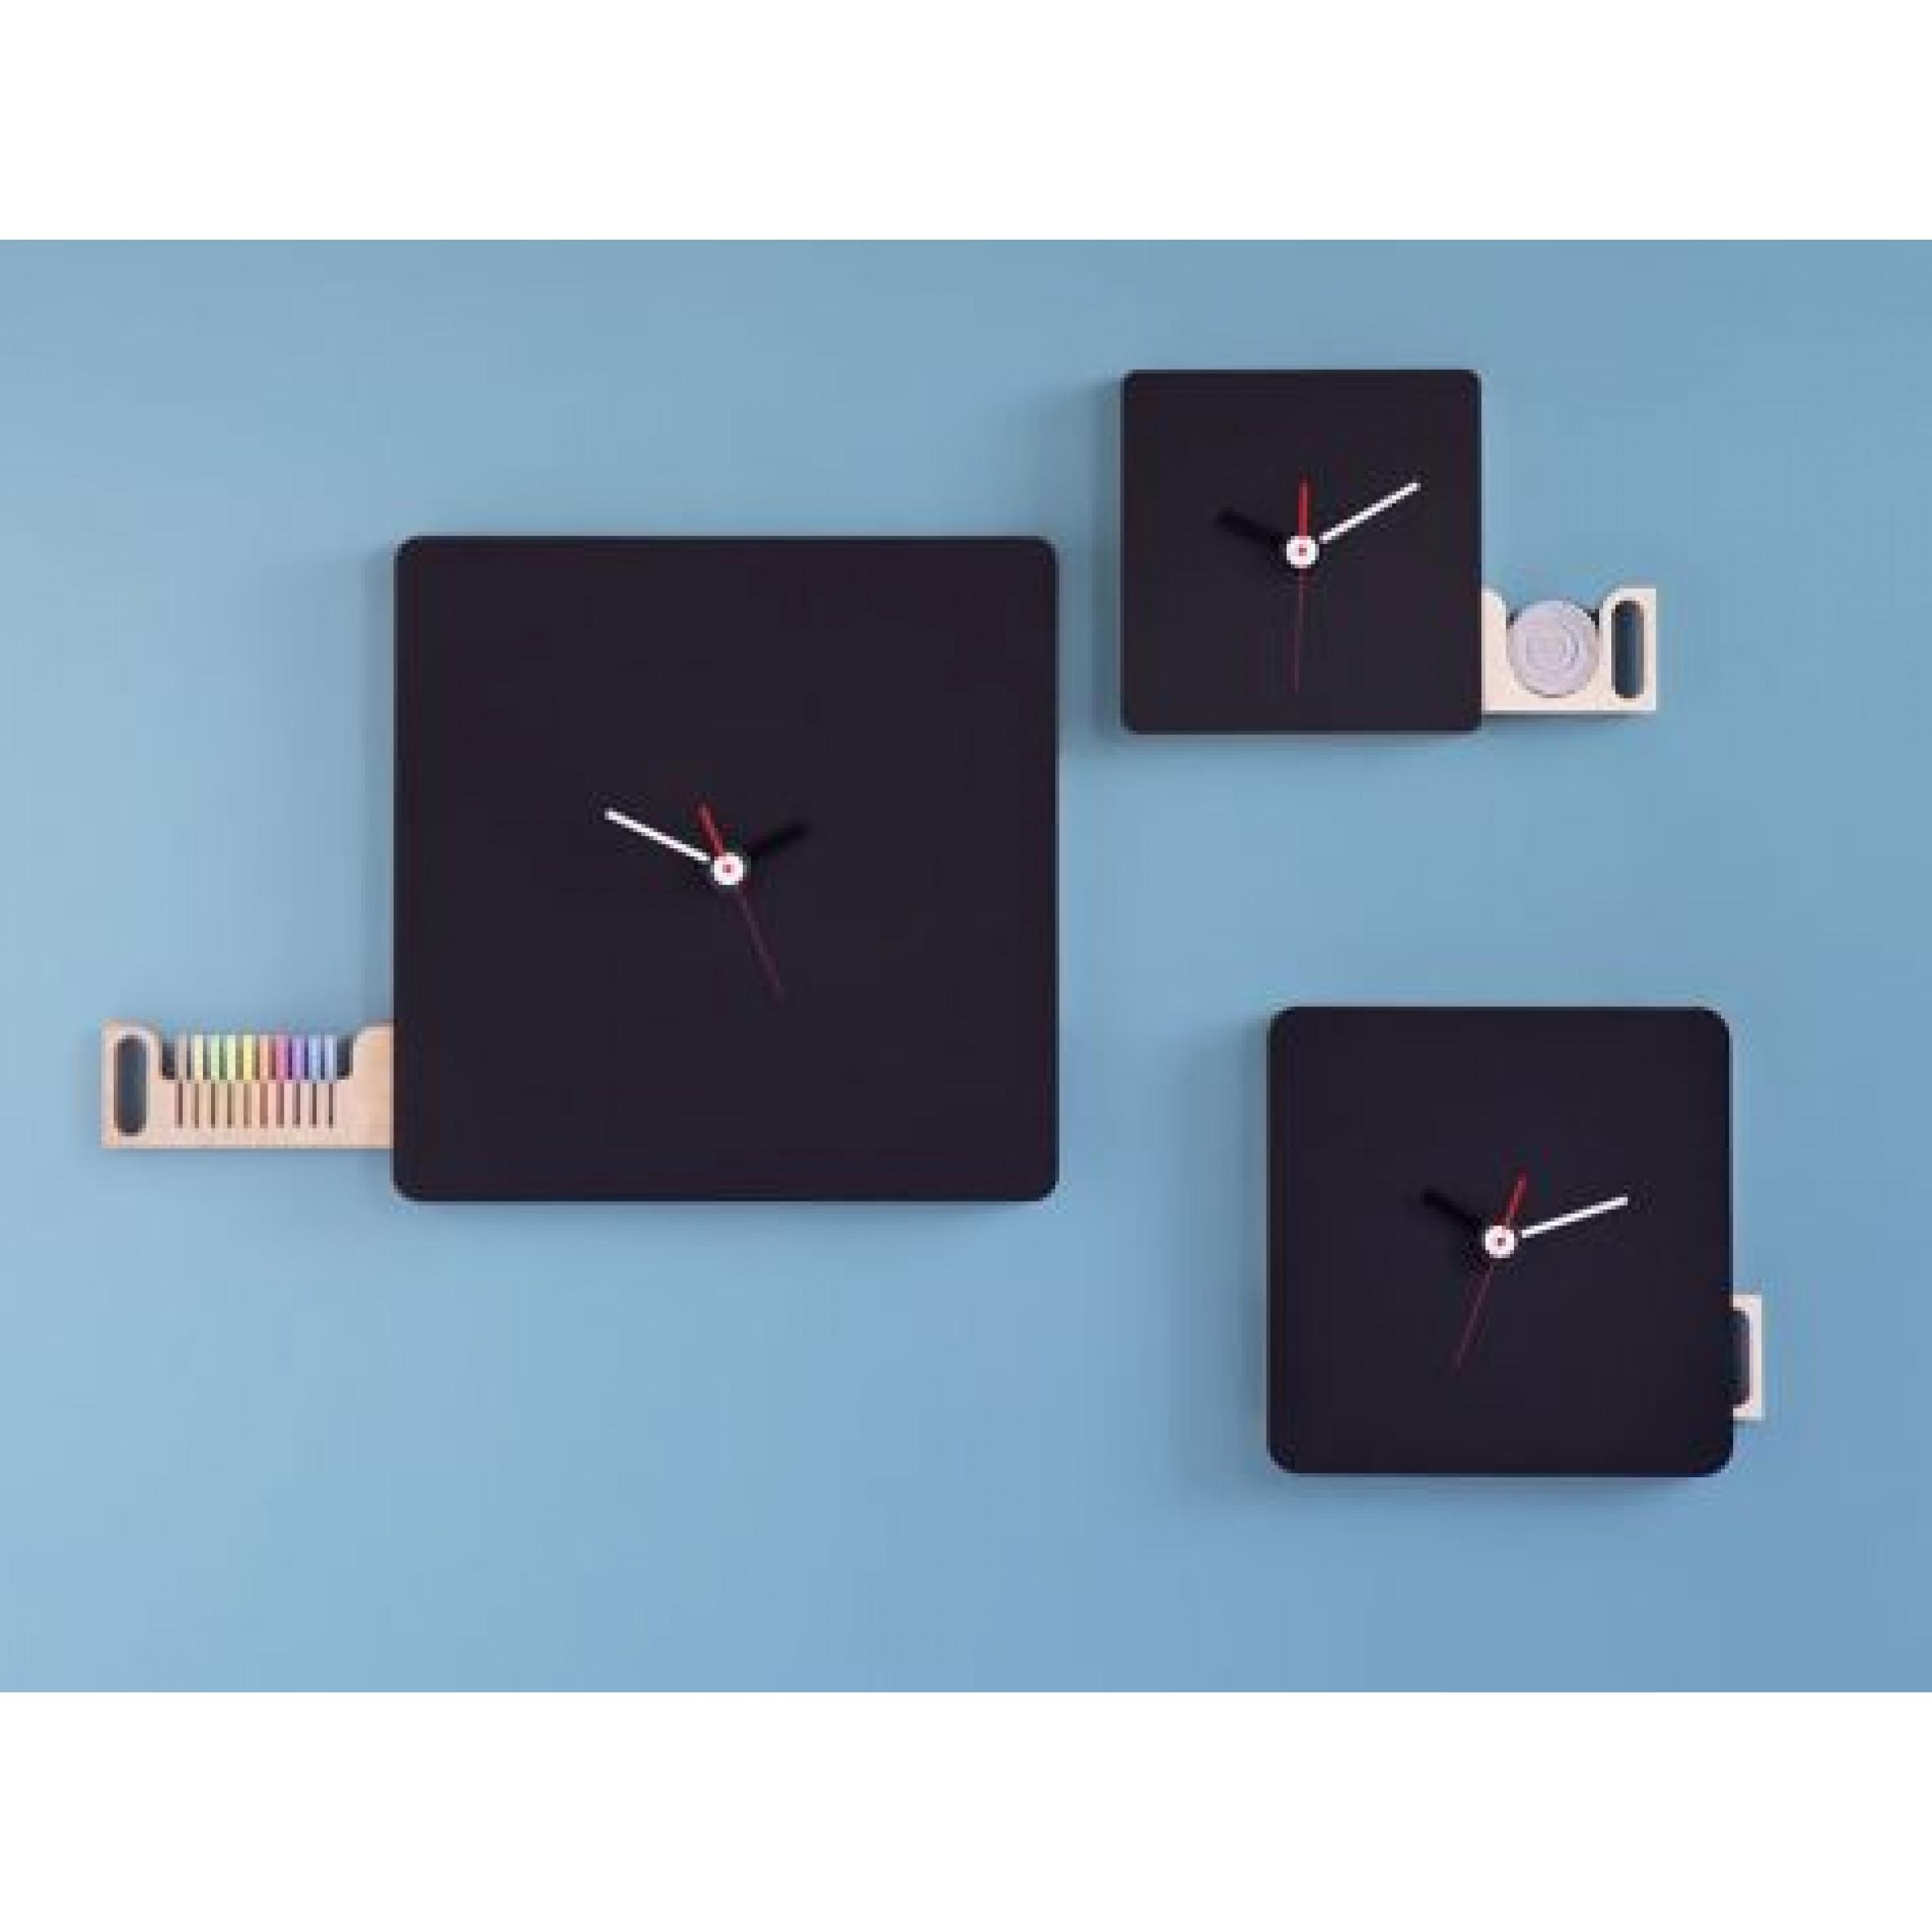 Tabla Wall clock